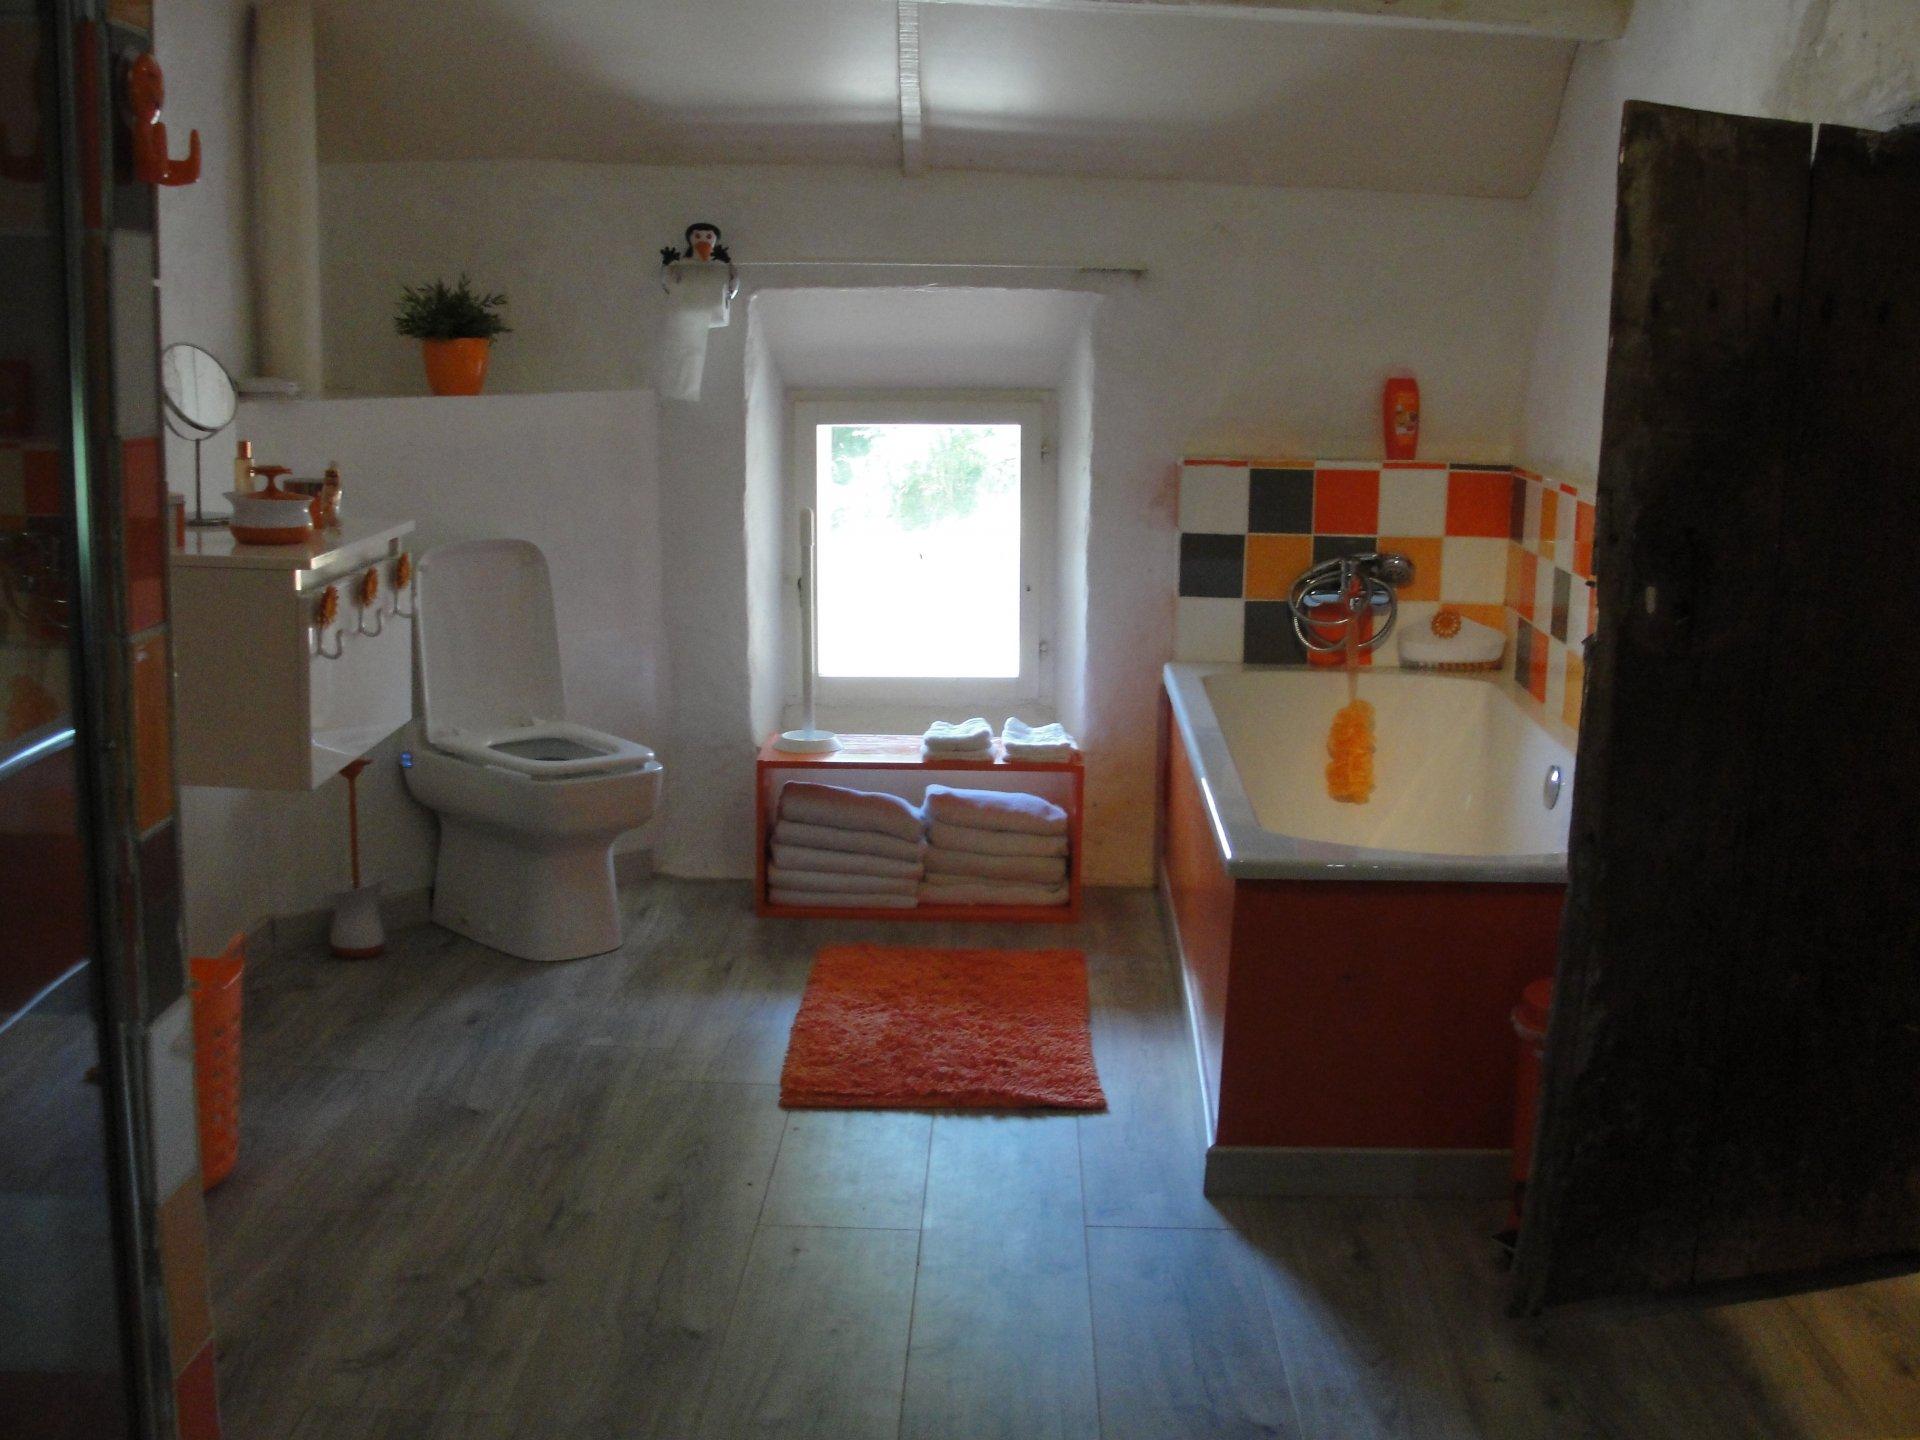 A vendre dans la Creuse, 2 maisons, piscine et une belle vue